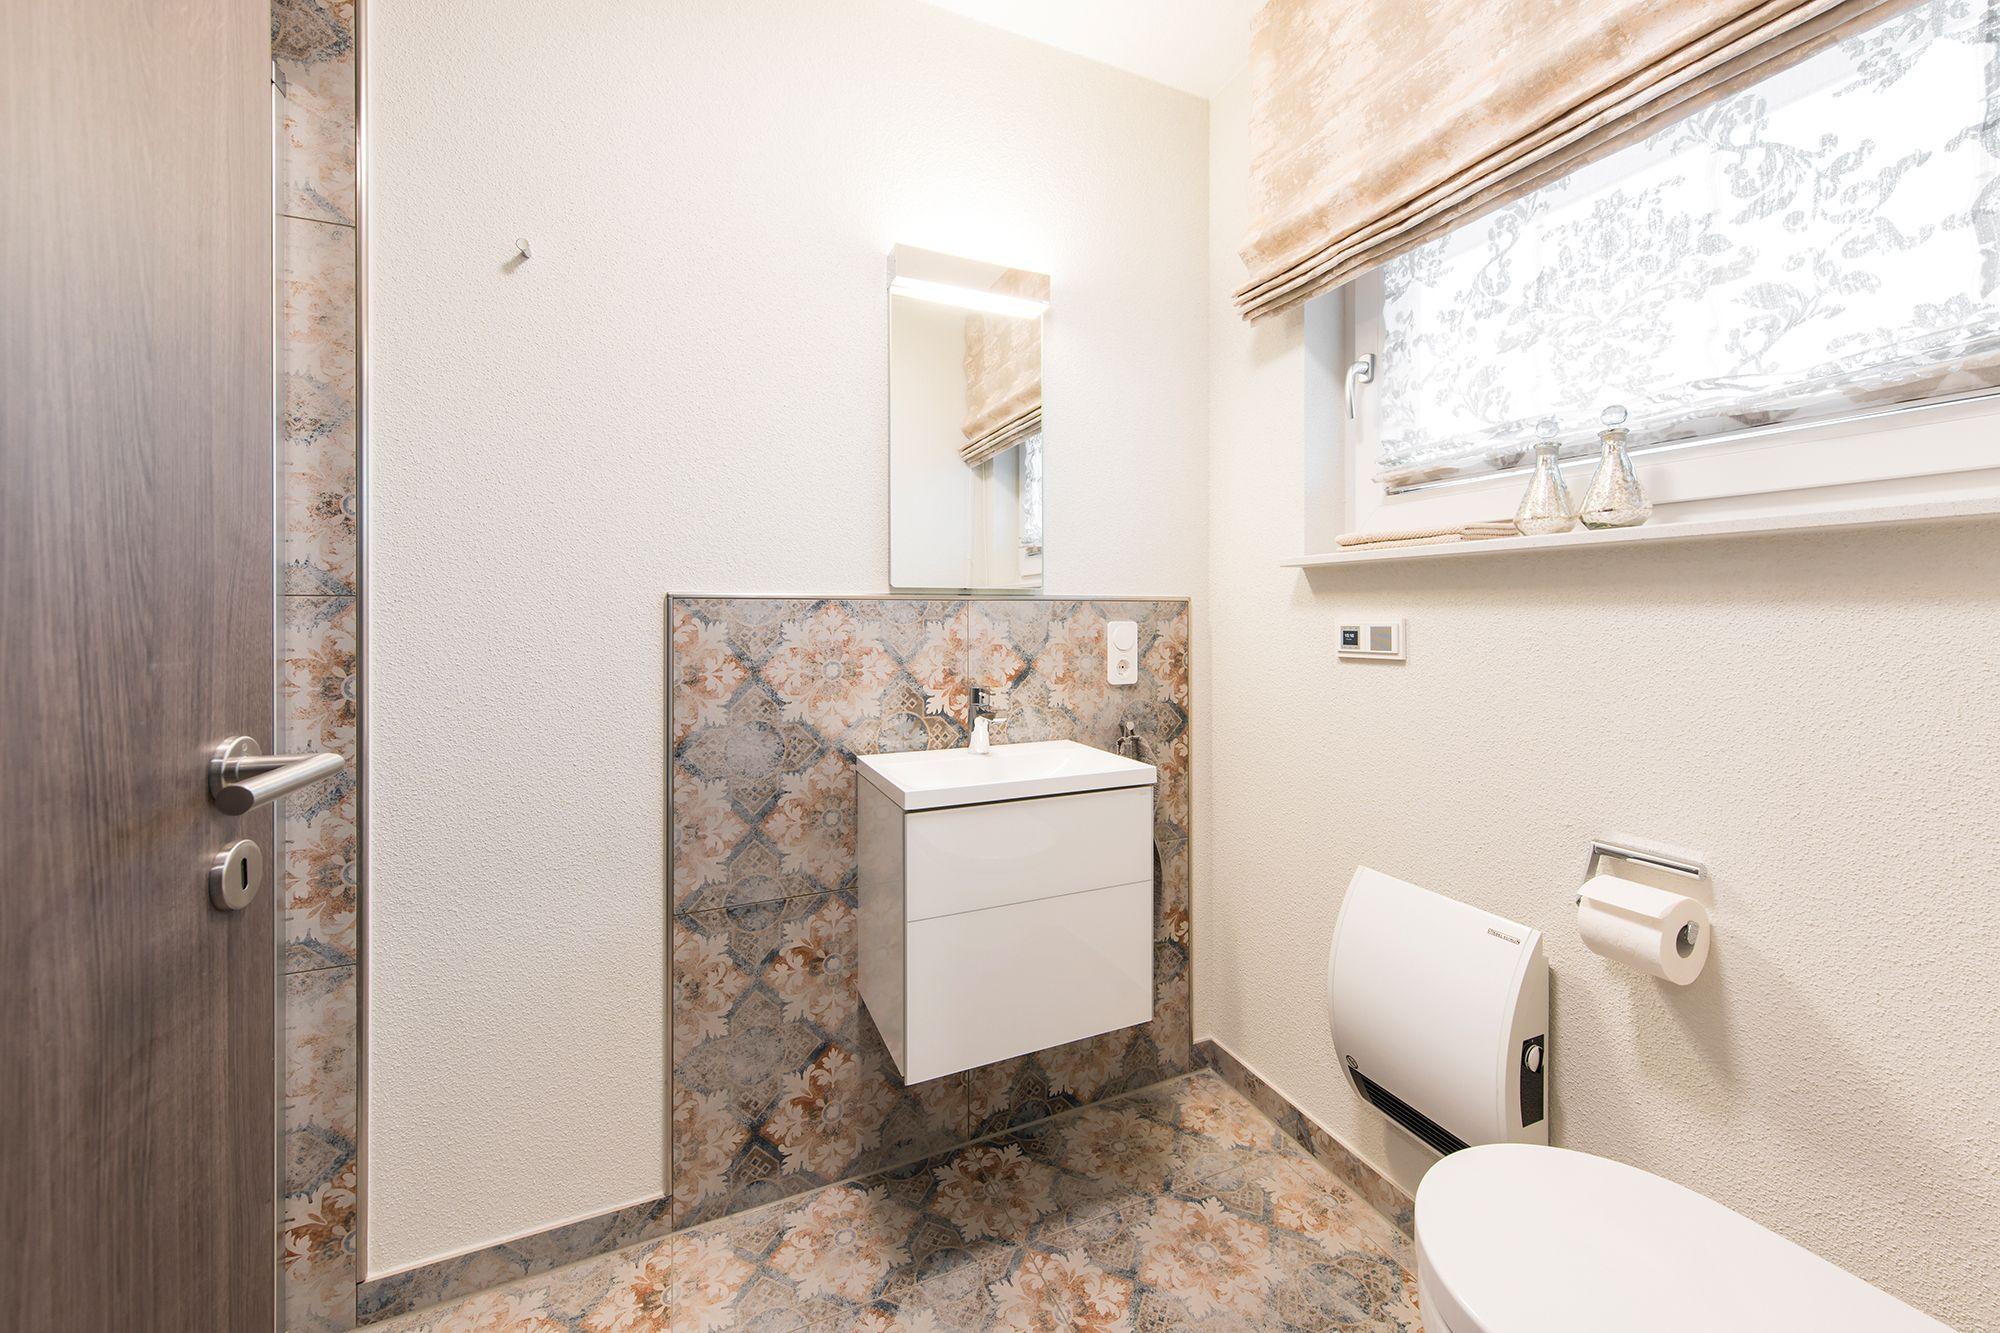 Fertighaus Wohnidee Badezimmer Gaste Wc Gemusterte Fliesen In 2020 Asthetisches Design Fertighauser Badezimmer